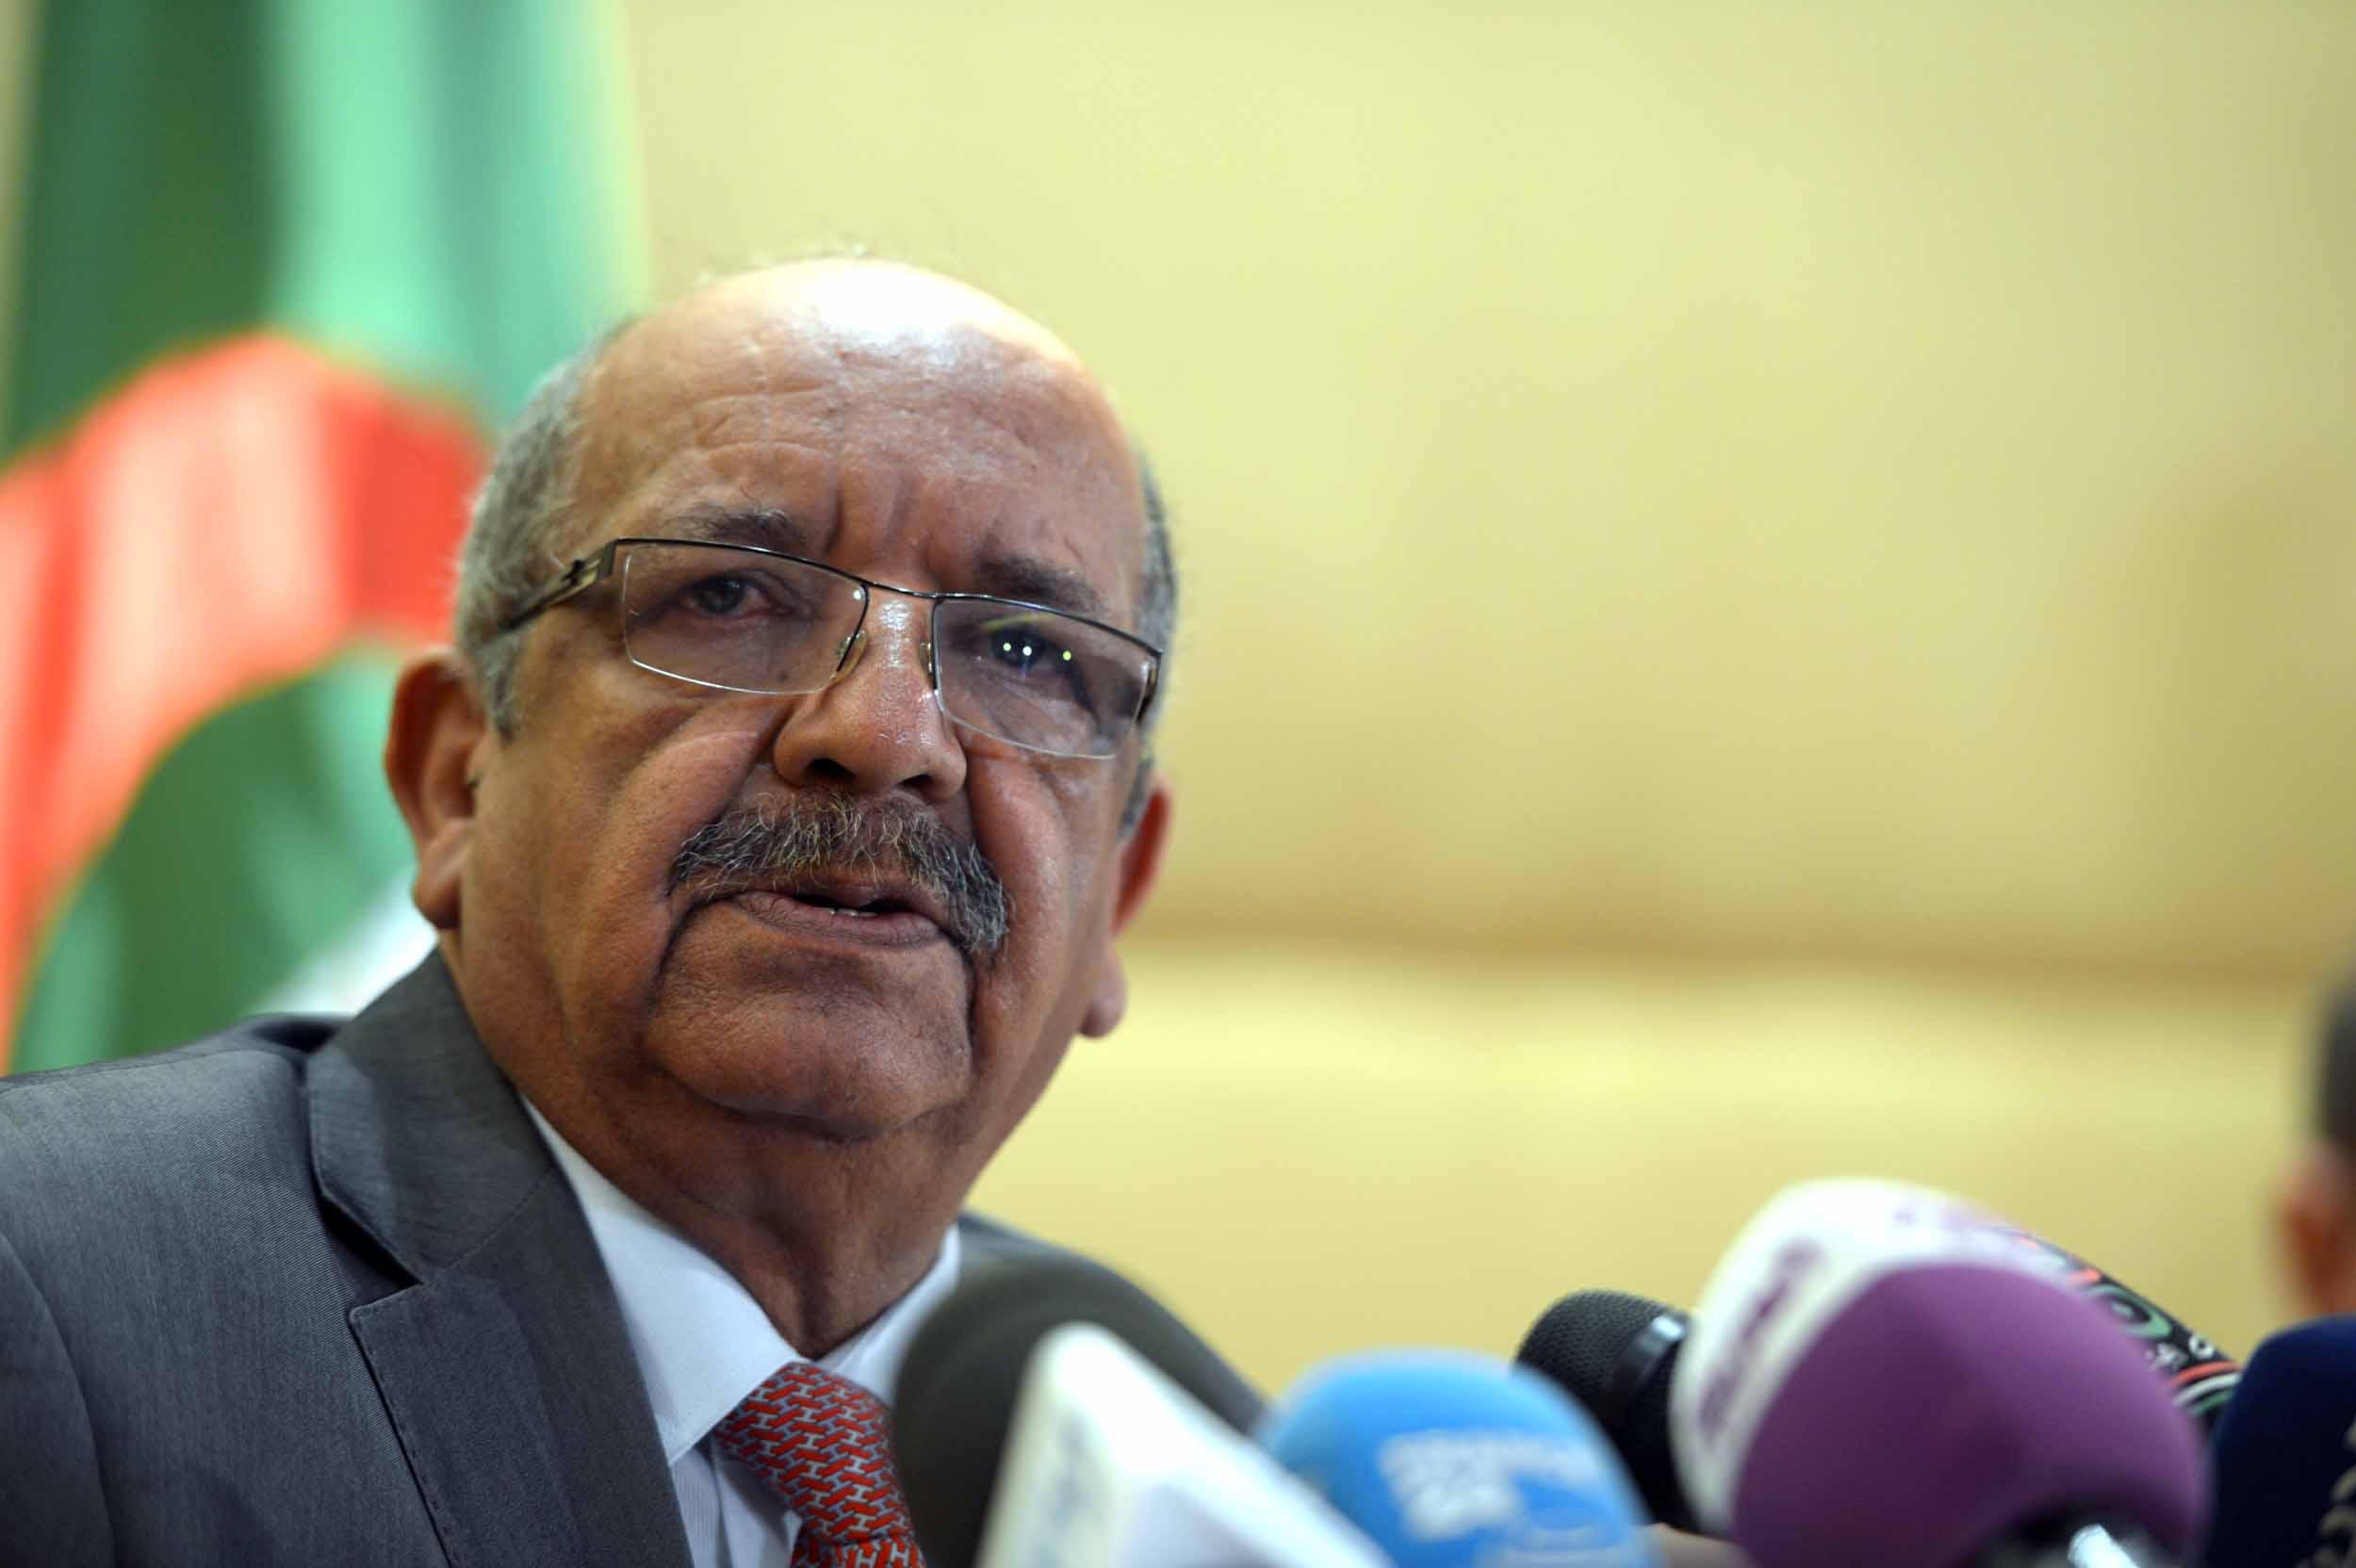 Messahel s'entretiendra avec le ministre en charge du Moyen-Orient et de l'Afrique du Nord. New Press